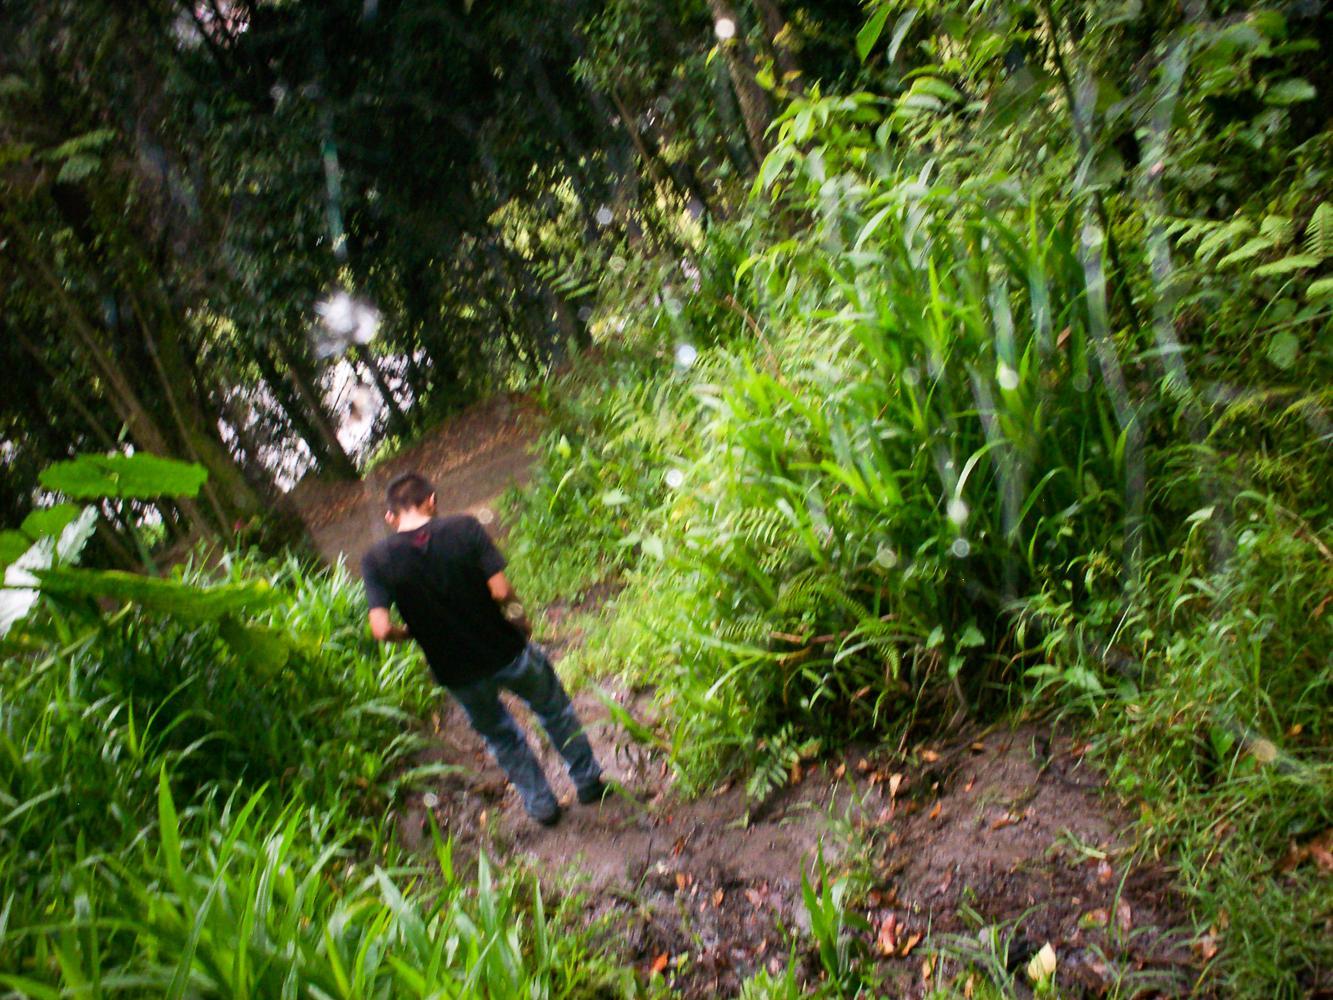 Una espesa Amazonía contemplaba ayer mi llanto. Cuando la desesperada cuidad me quitaba lo más anhelado.